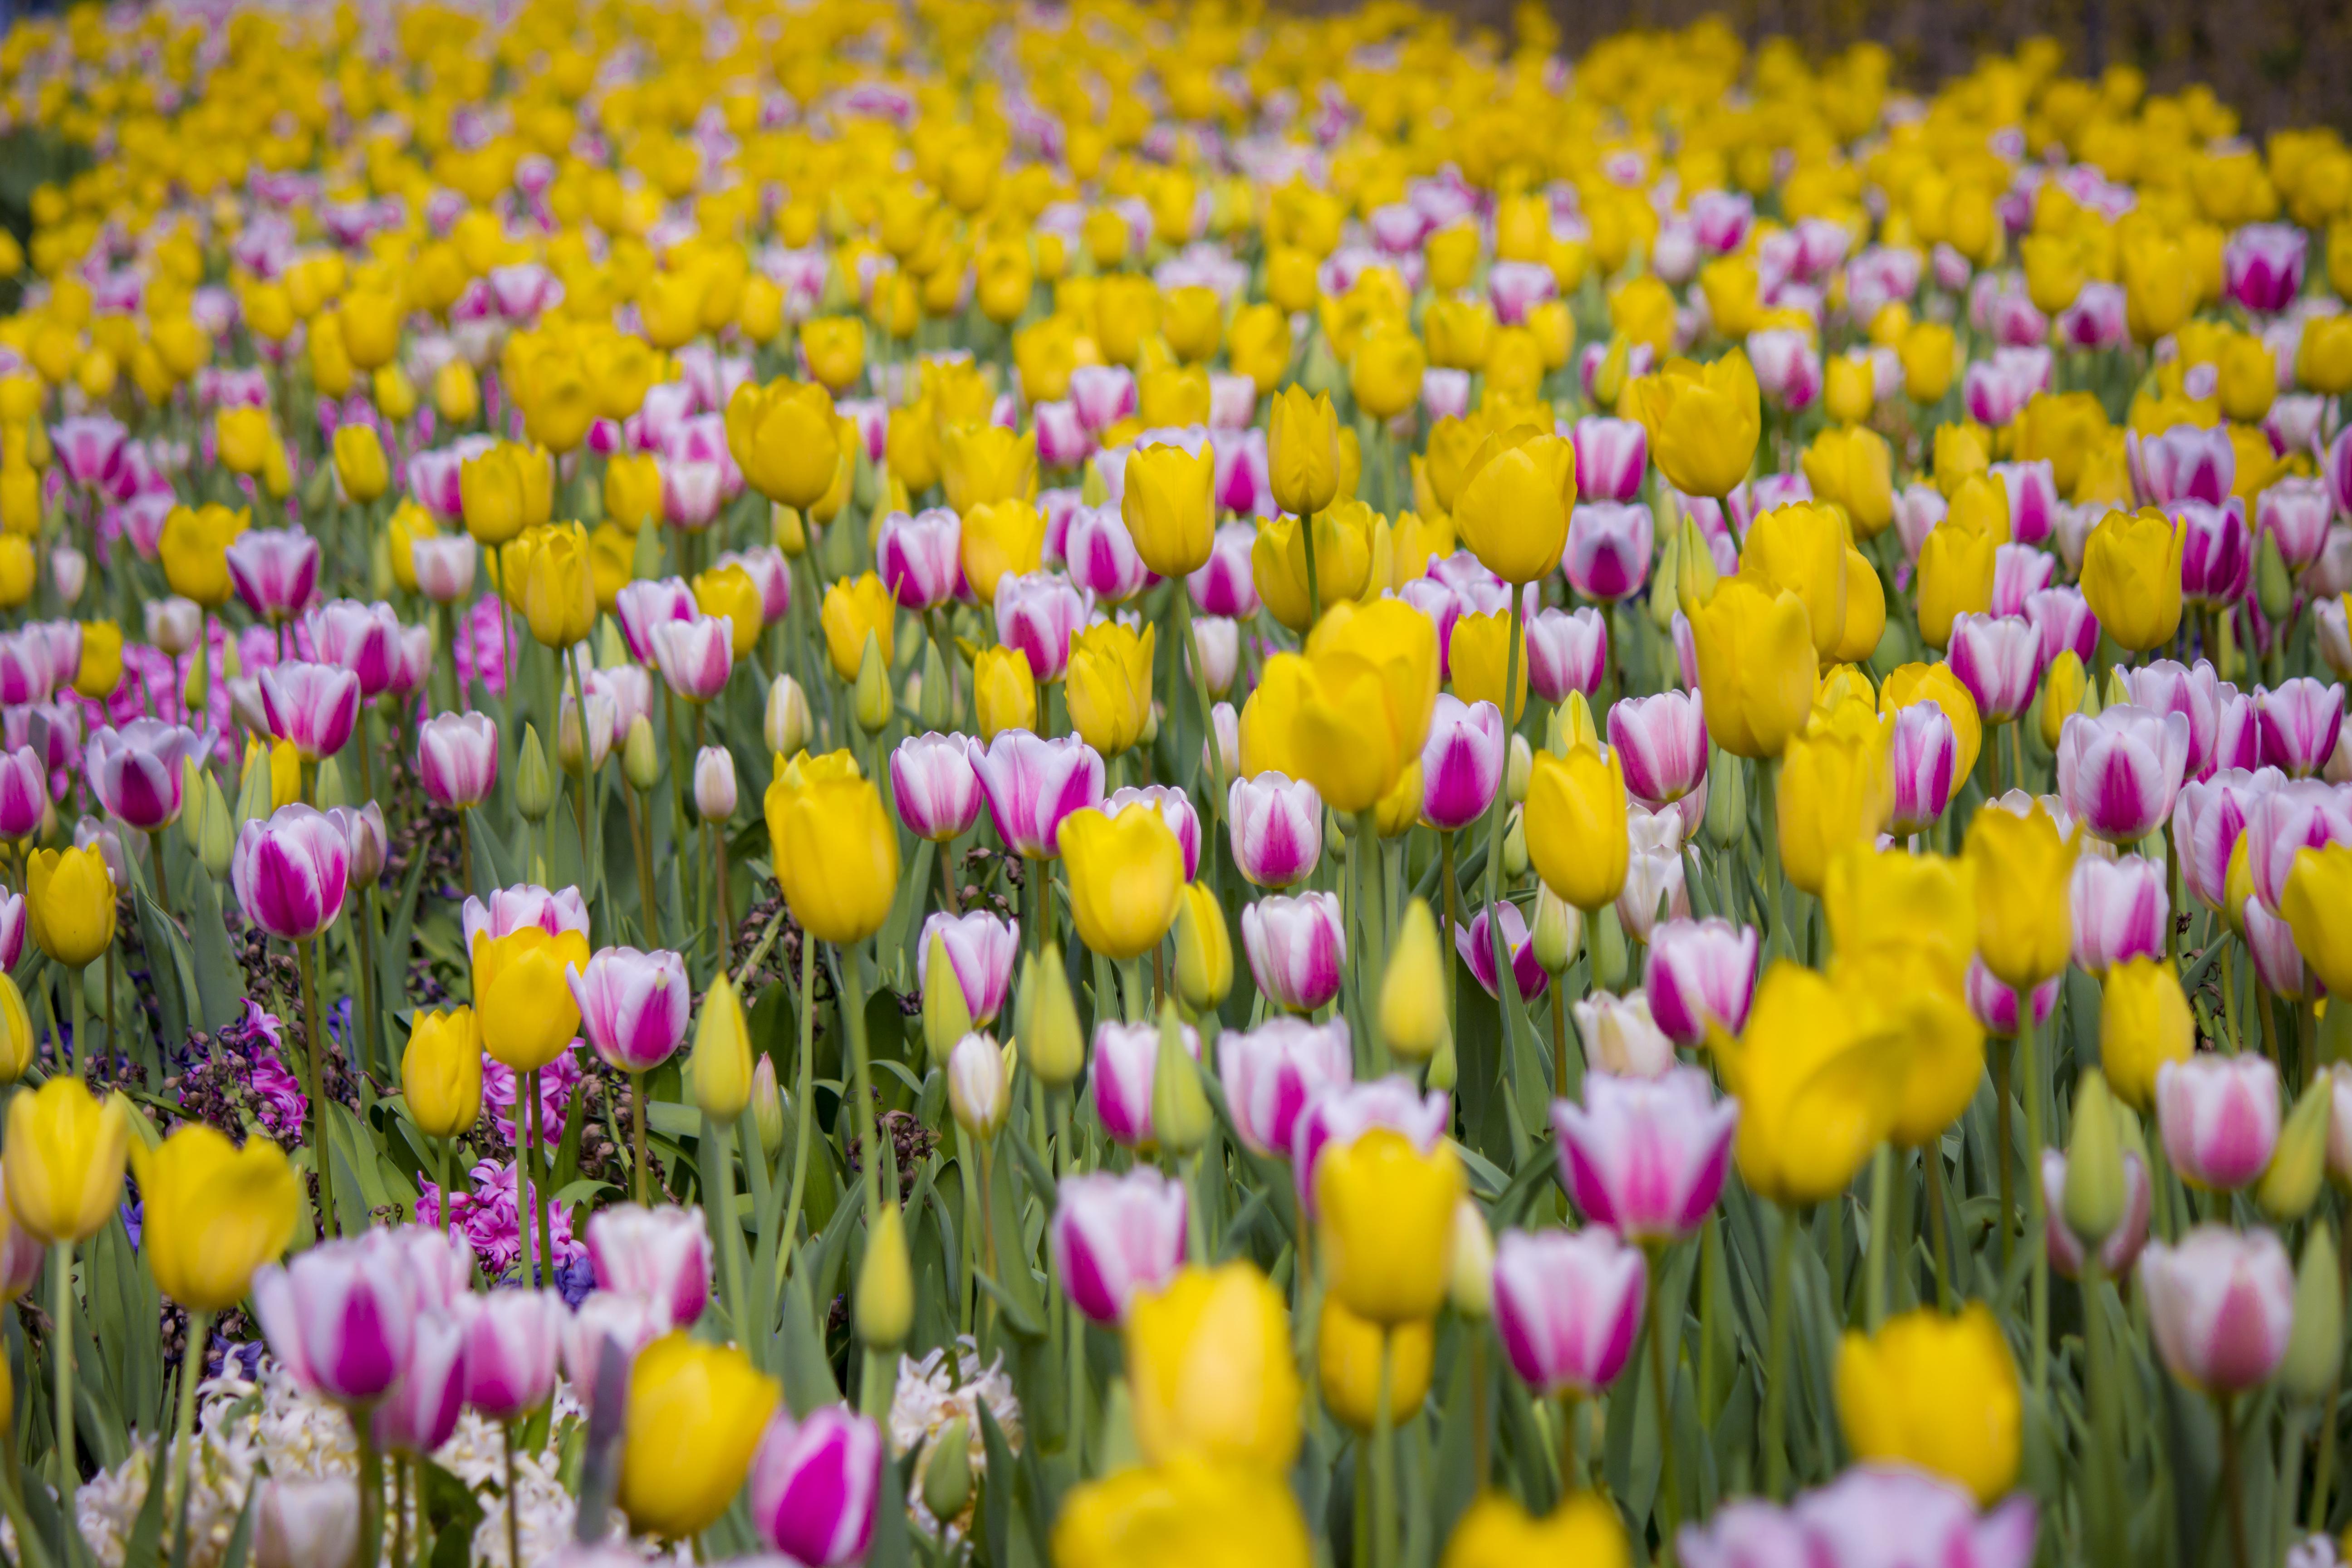 Скачать картинку Тюльпаны, Цветы, Цветение, Поле в телефон бесплатно.